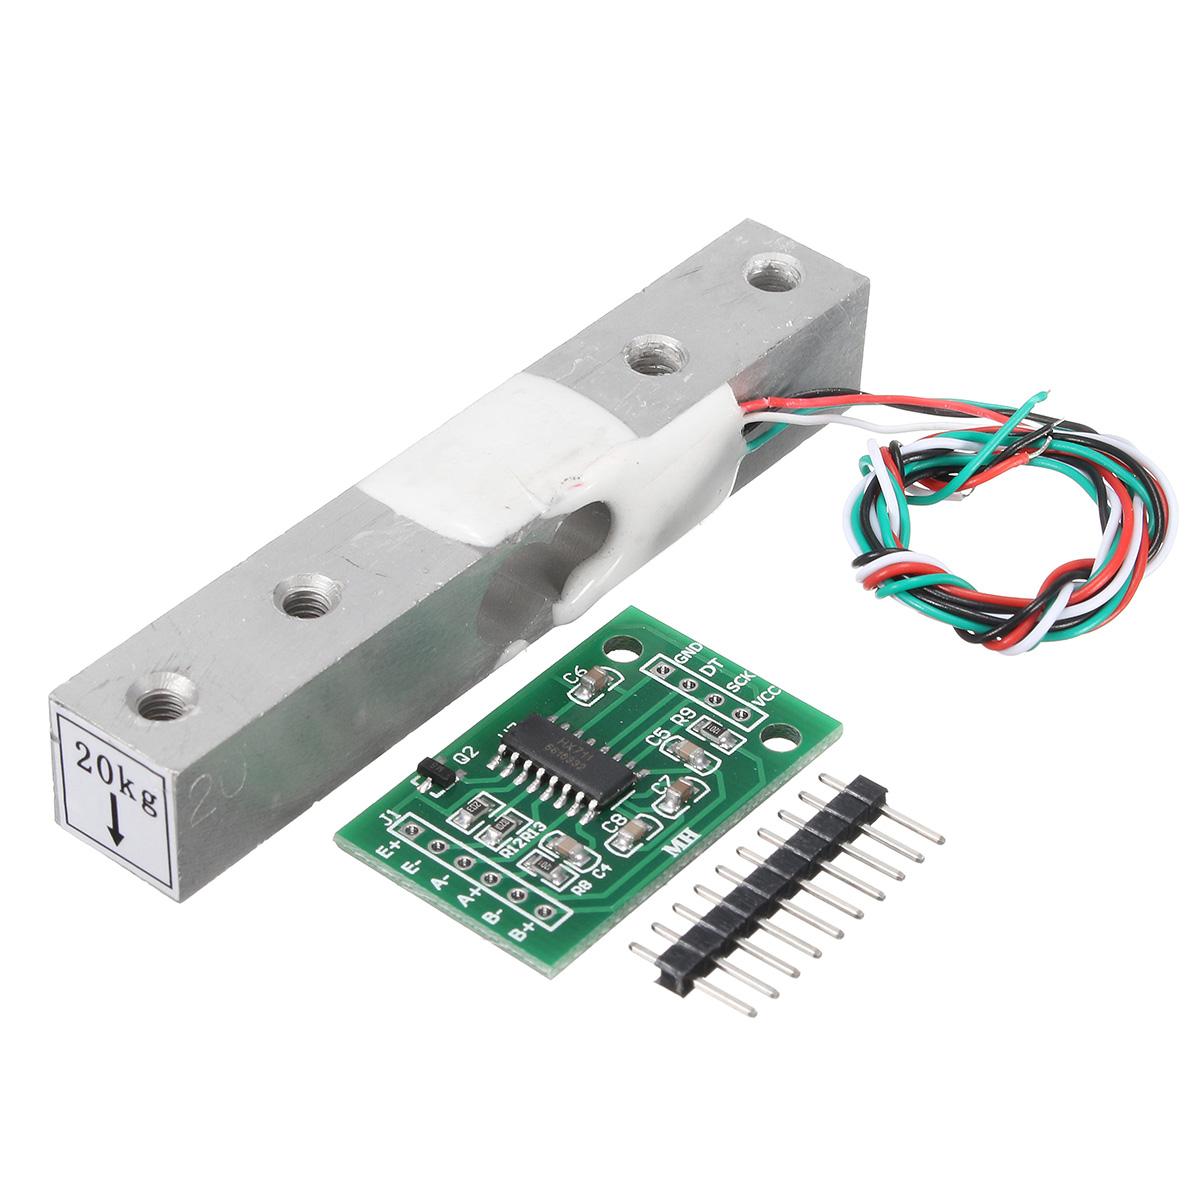 HX711 Module + 20kg Aluminum Alloy Scale Weighing Senso